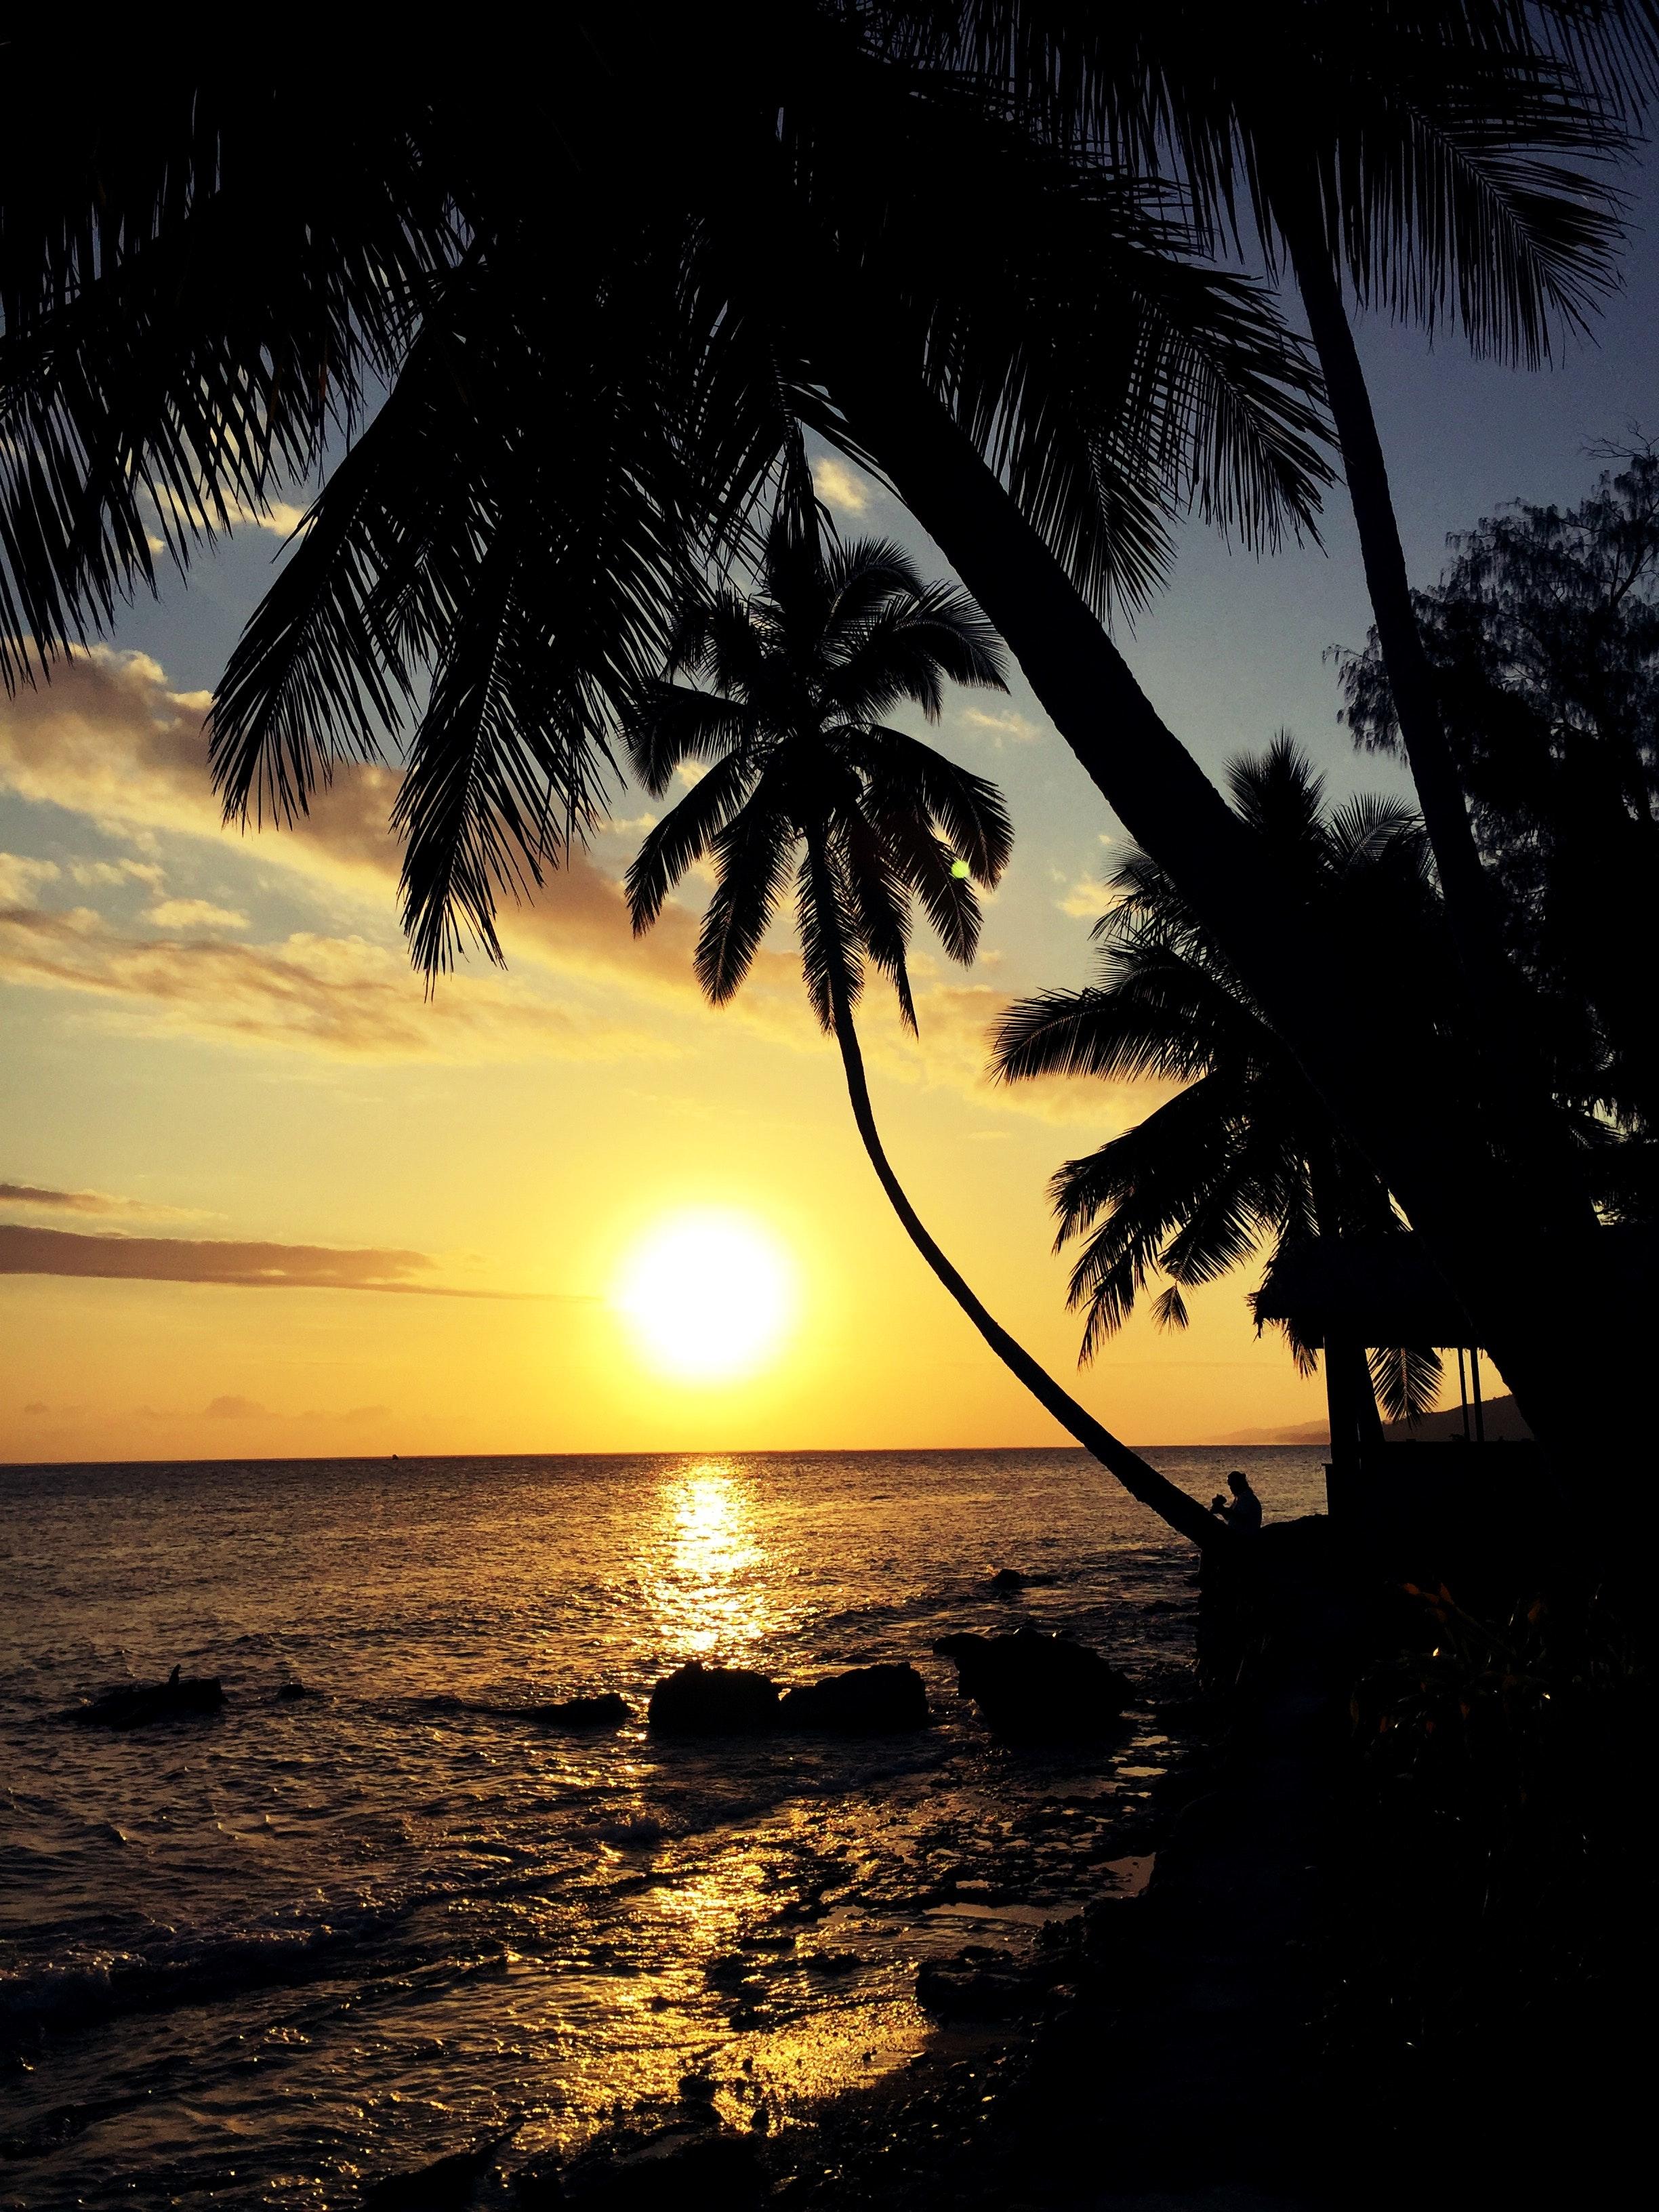 Sunset at beach photo